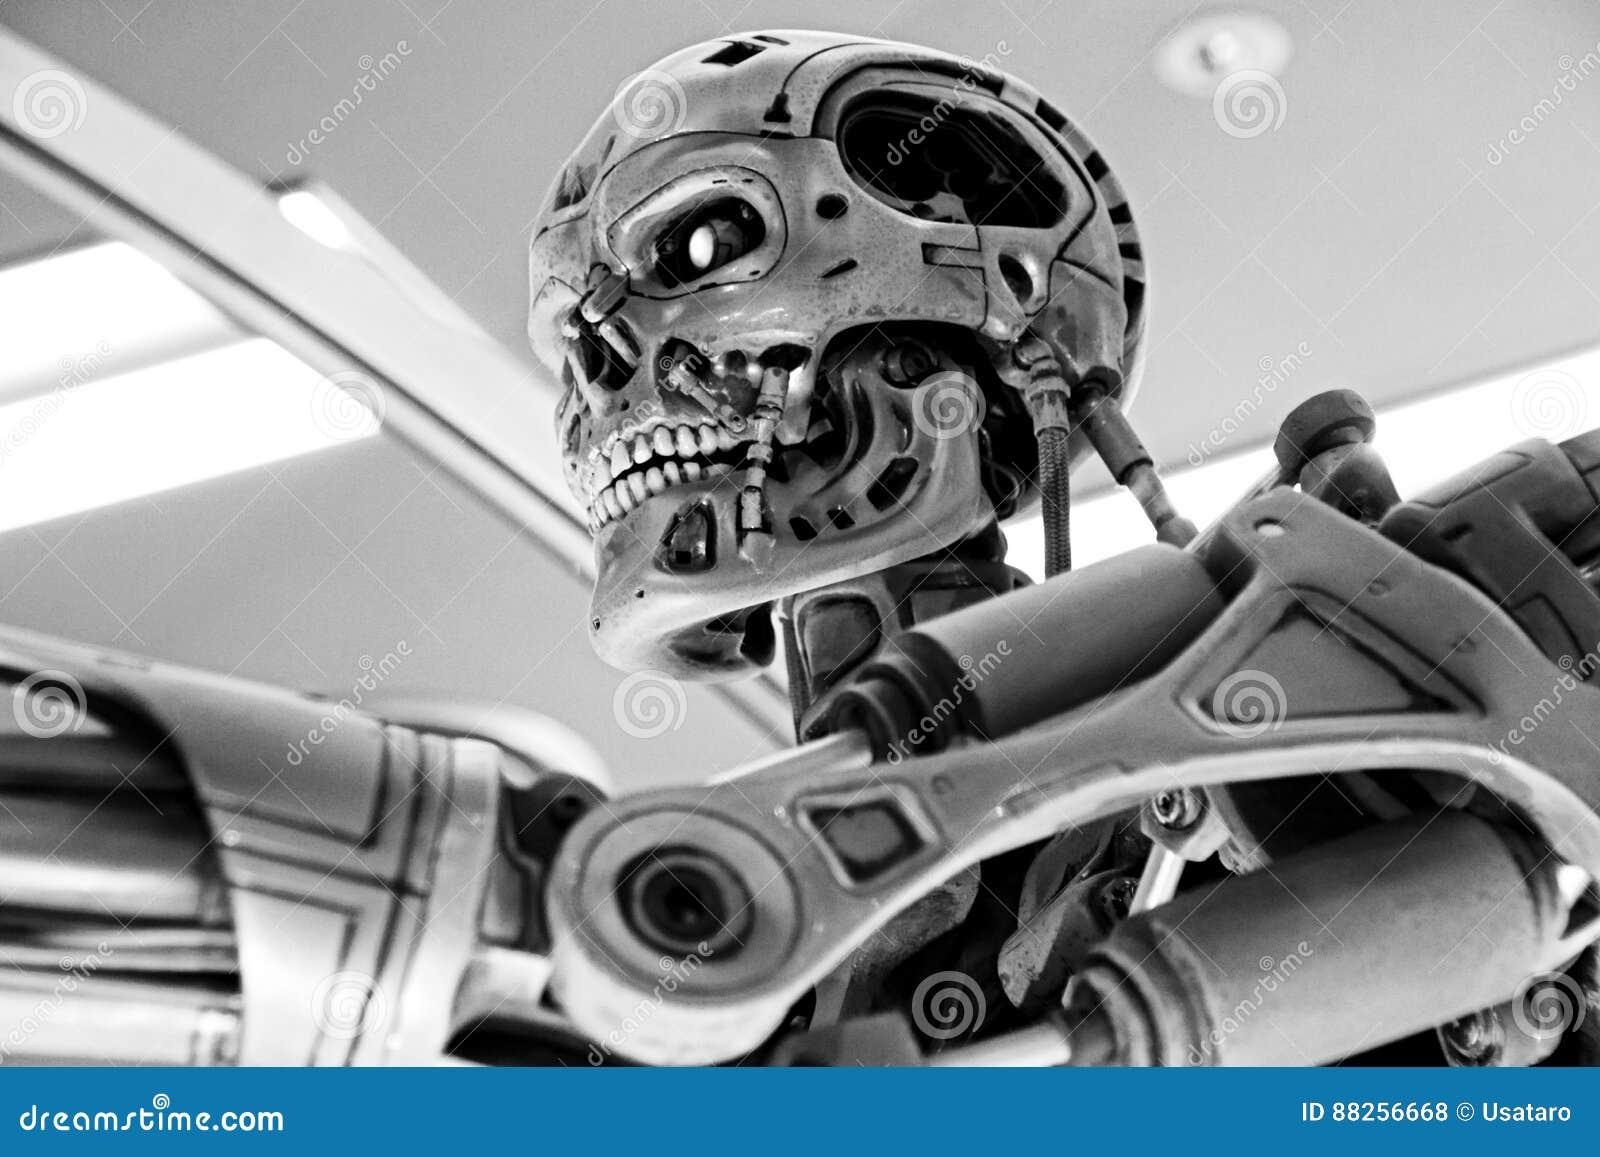 T-800 End skeleton